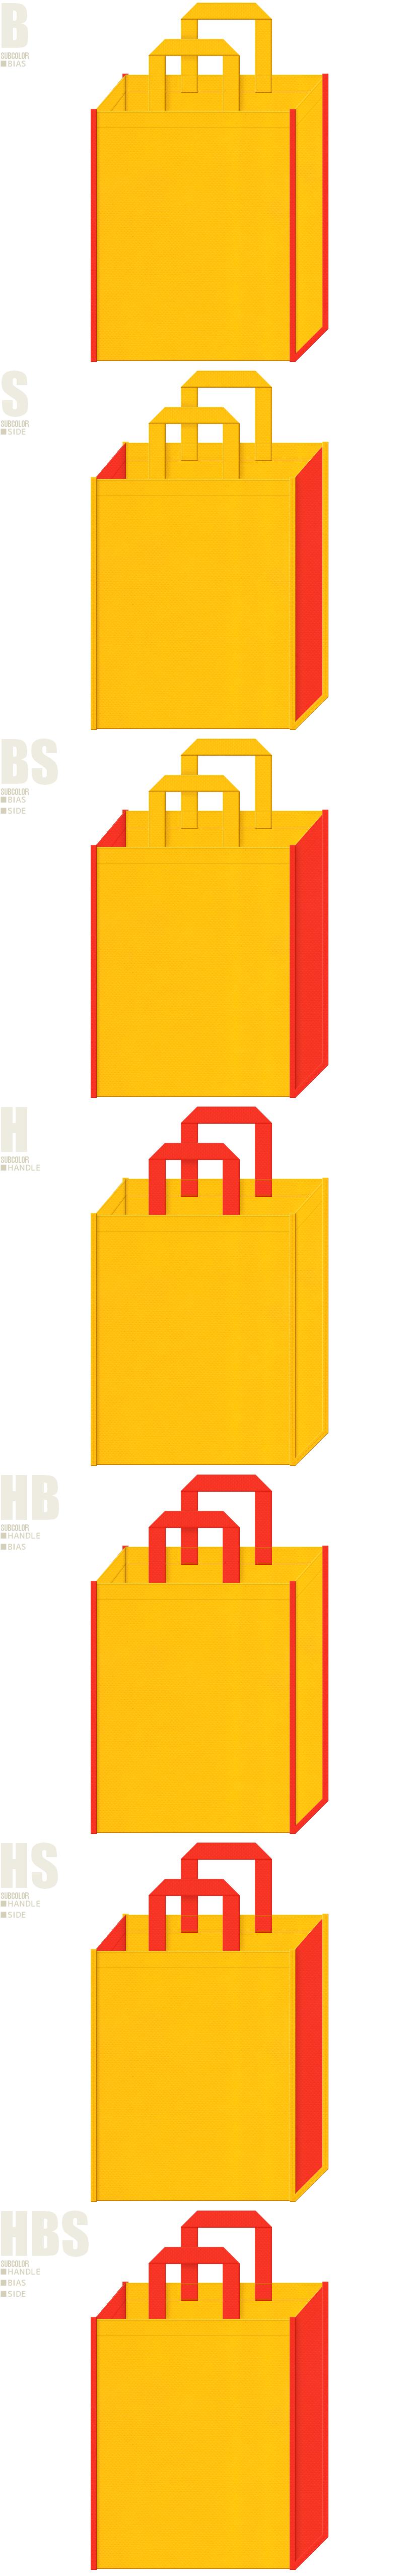 キッチン・サプリメント・ビタミンのイメージにお奨めの不織布バッグデザイン:黄色とオレンジ色の不織布バッグ配色7パターン。